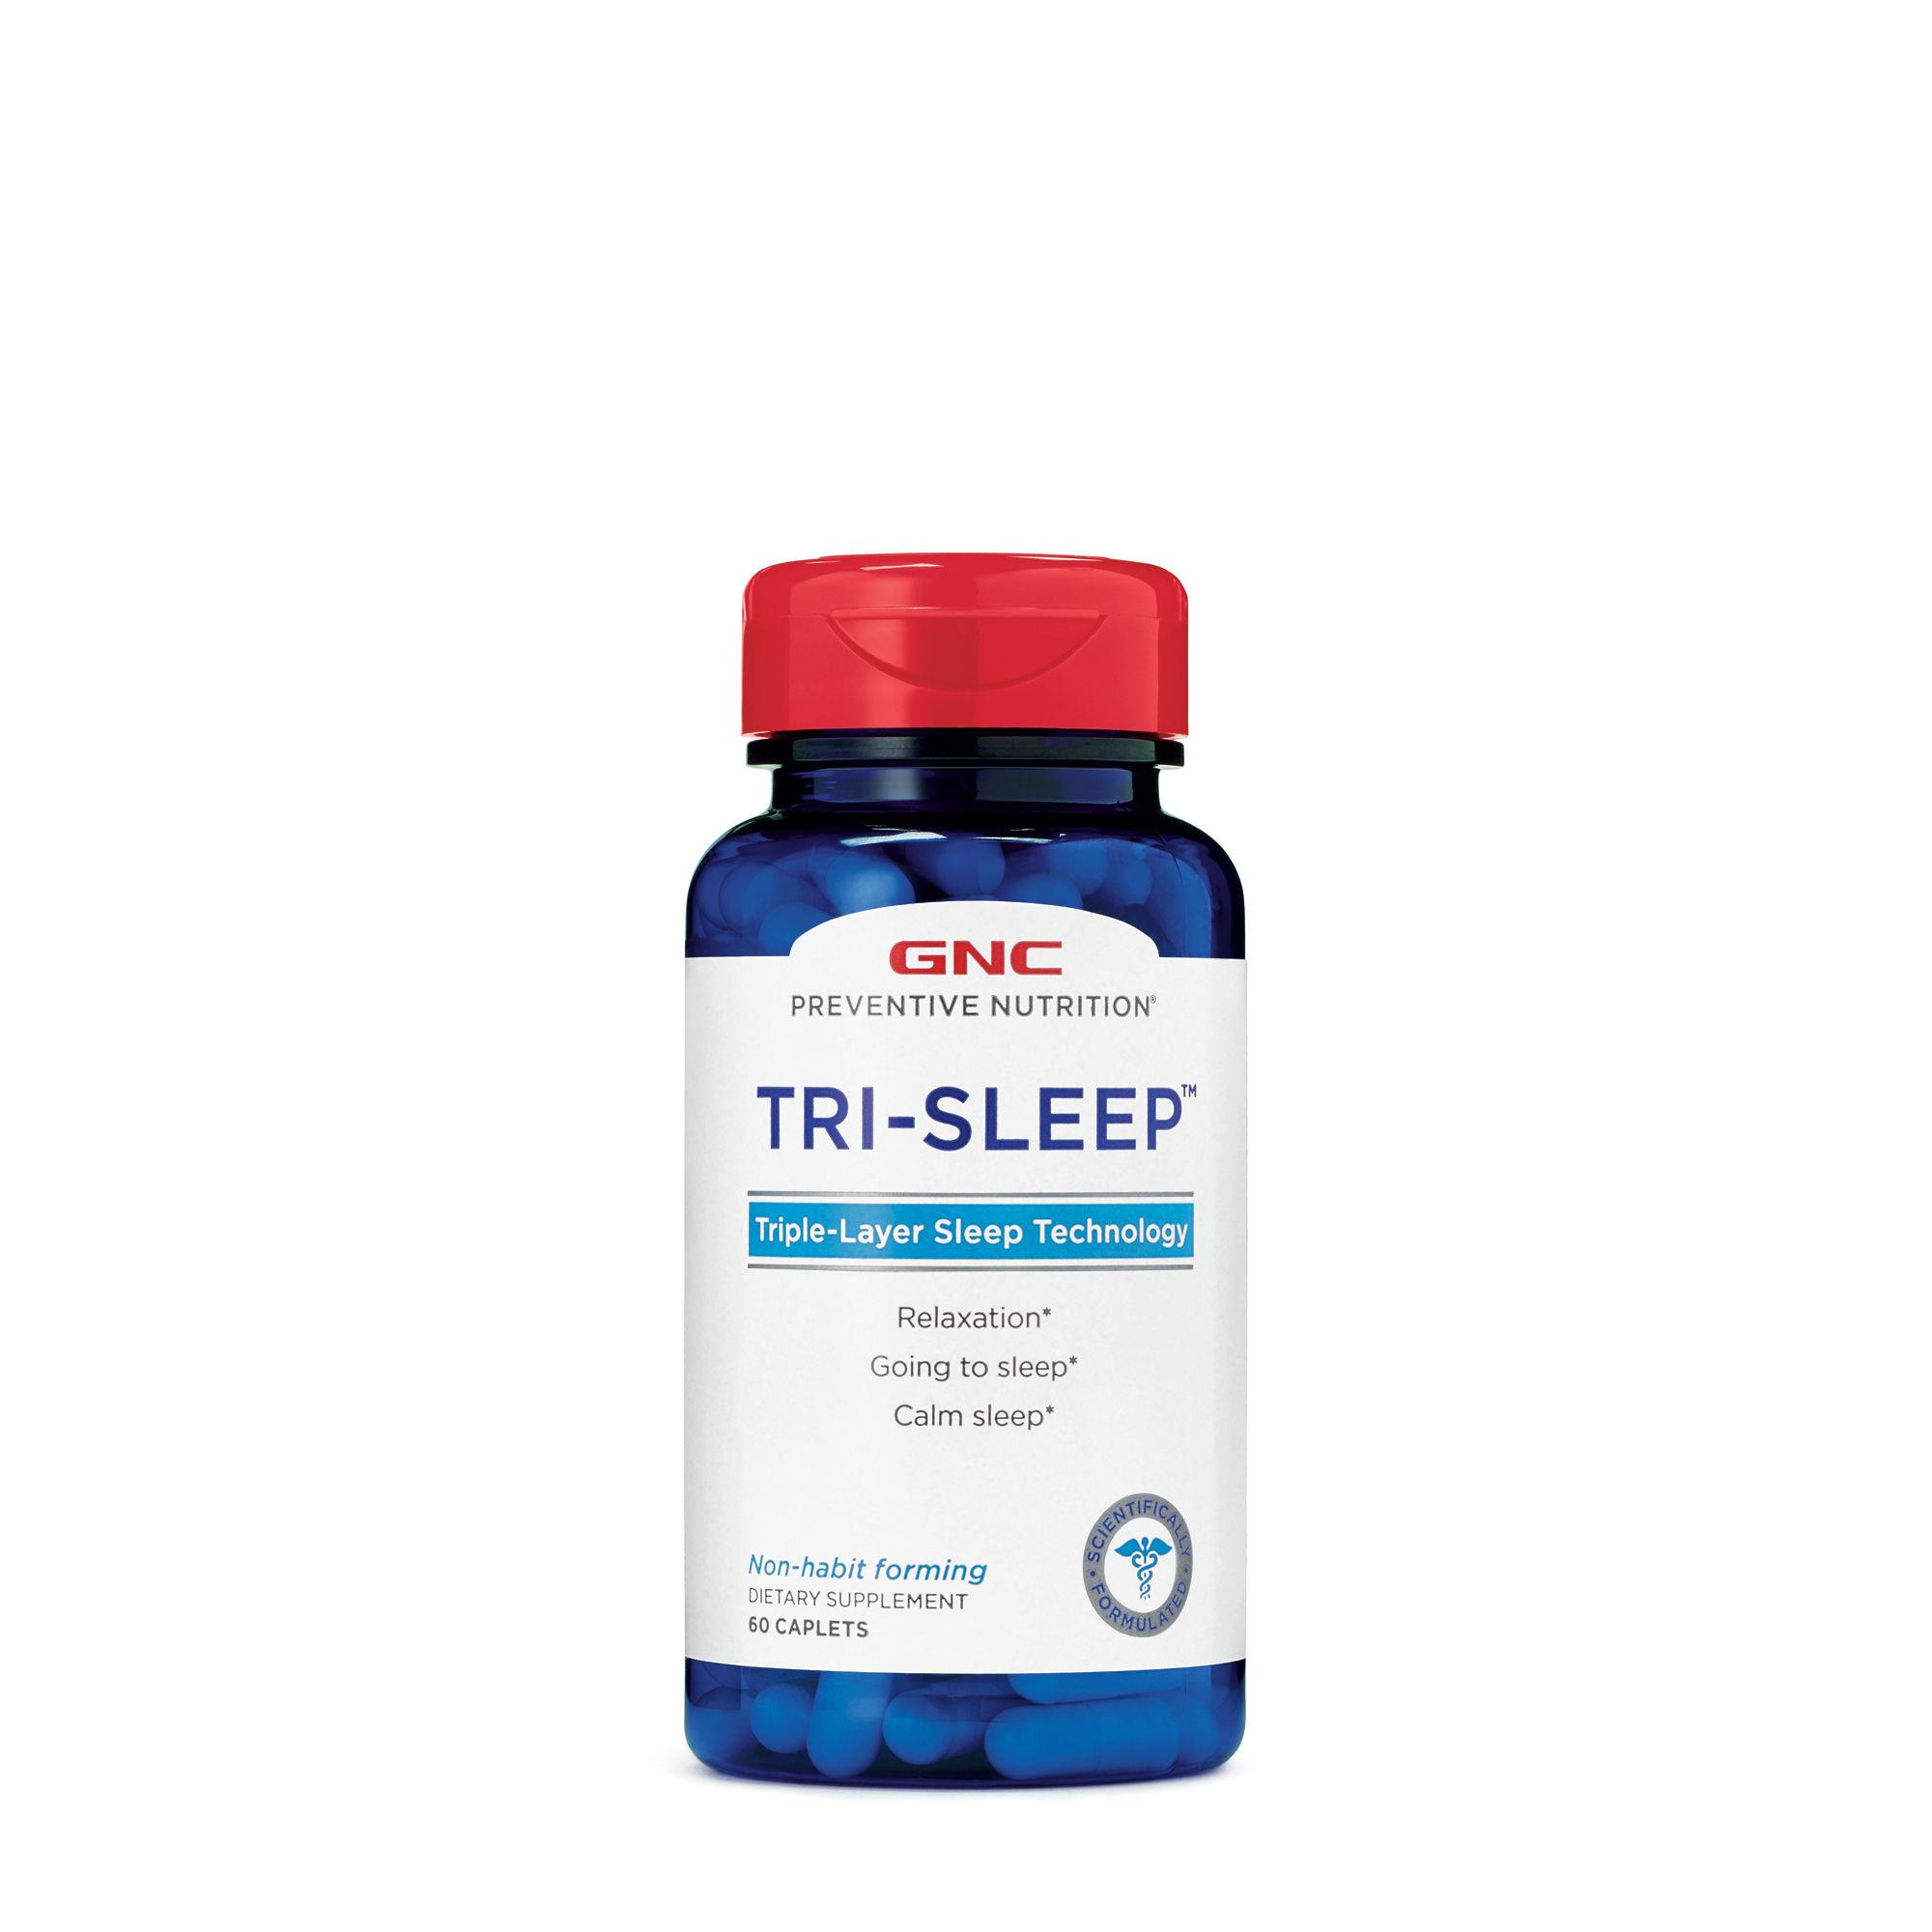 GNC Preventive Nutrition® Tri-Sleep™